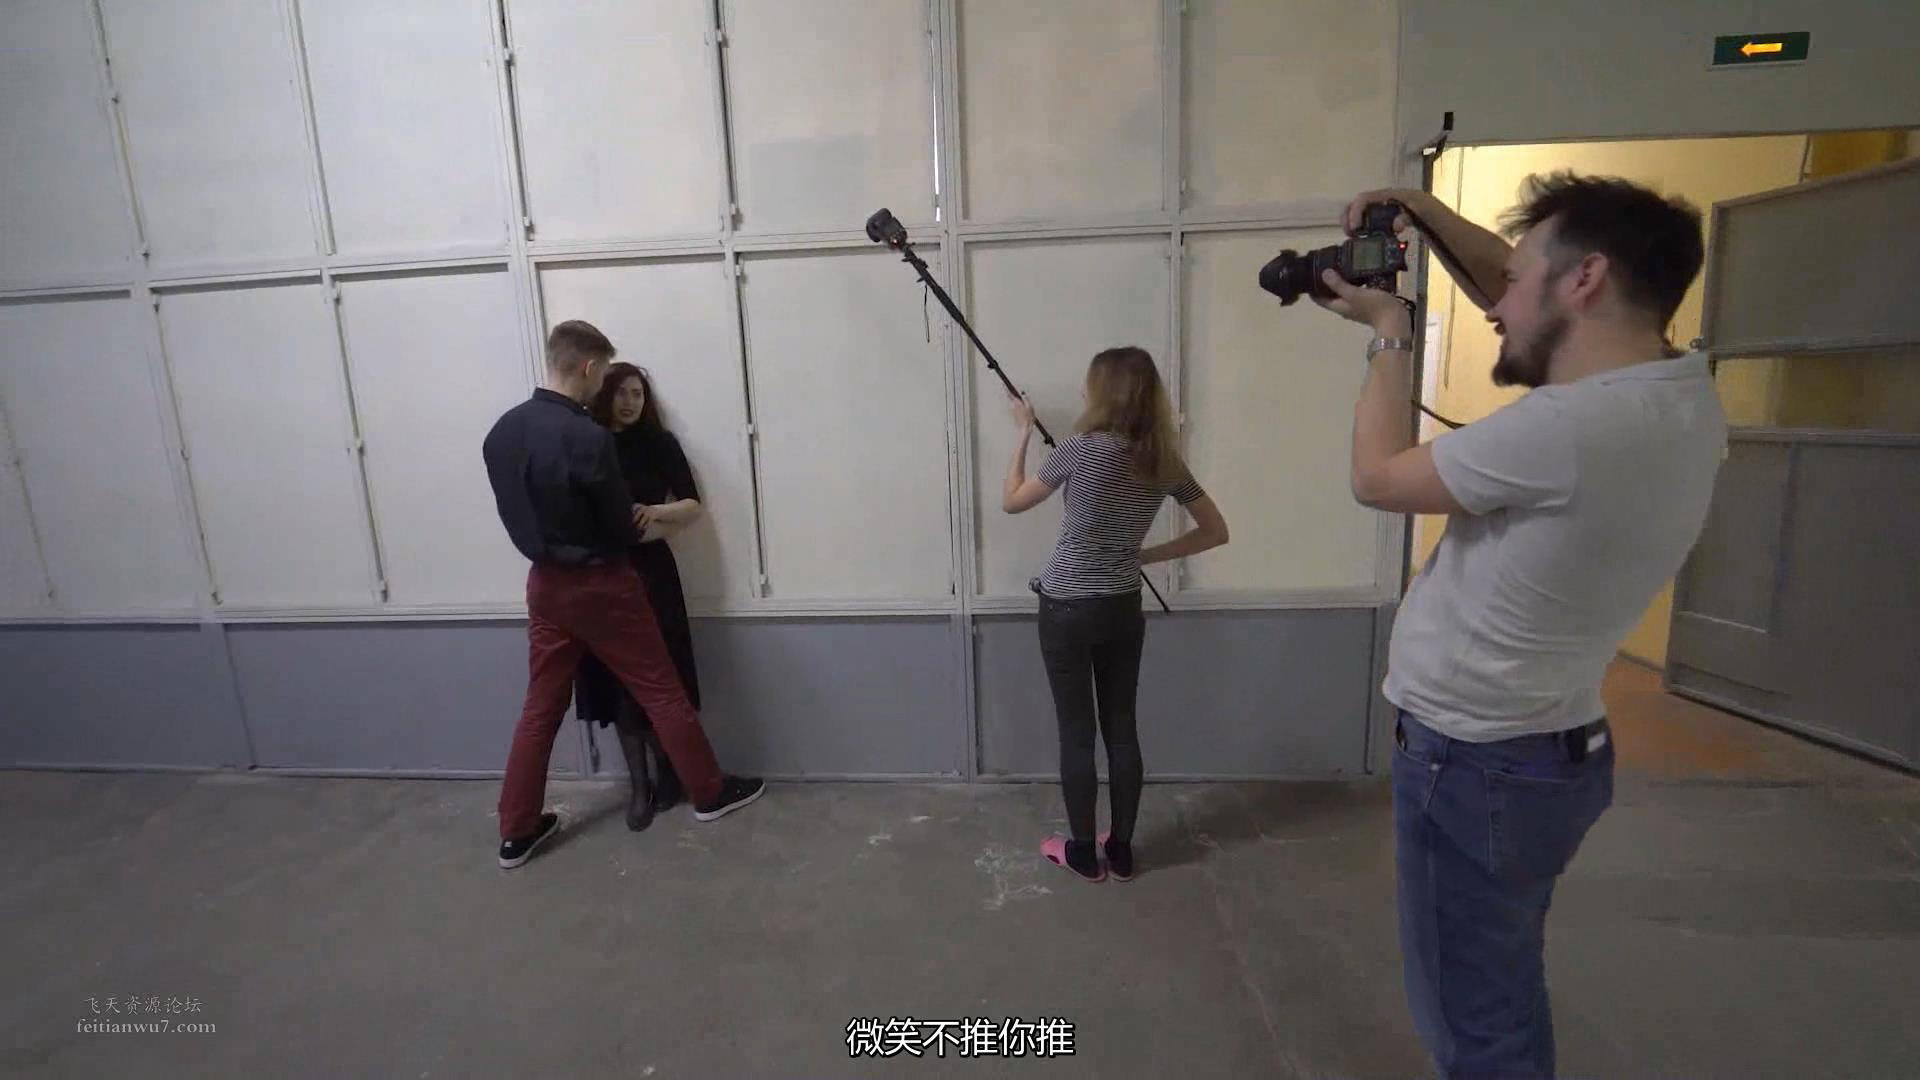 摄影教程_Alexey Gaidin实践30多种人造光闪光灯摄影布光教程-中文字幕 摄影教程 _预览图14